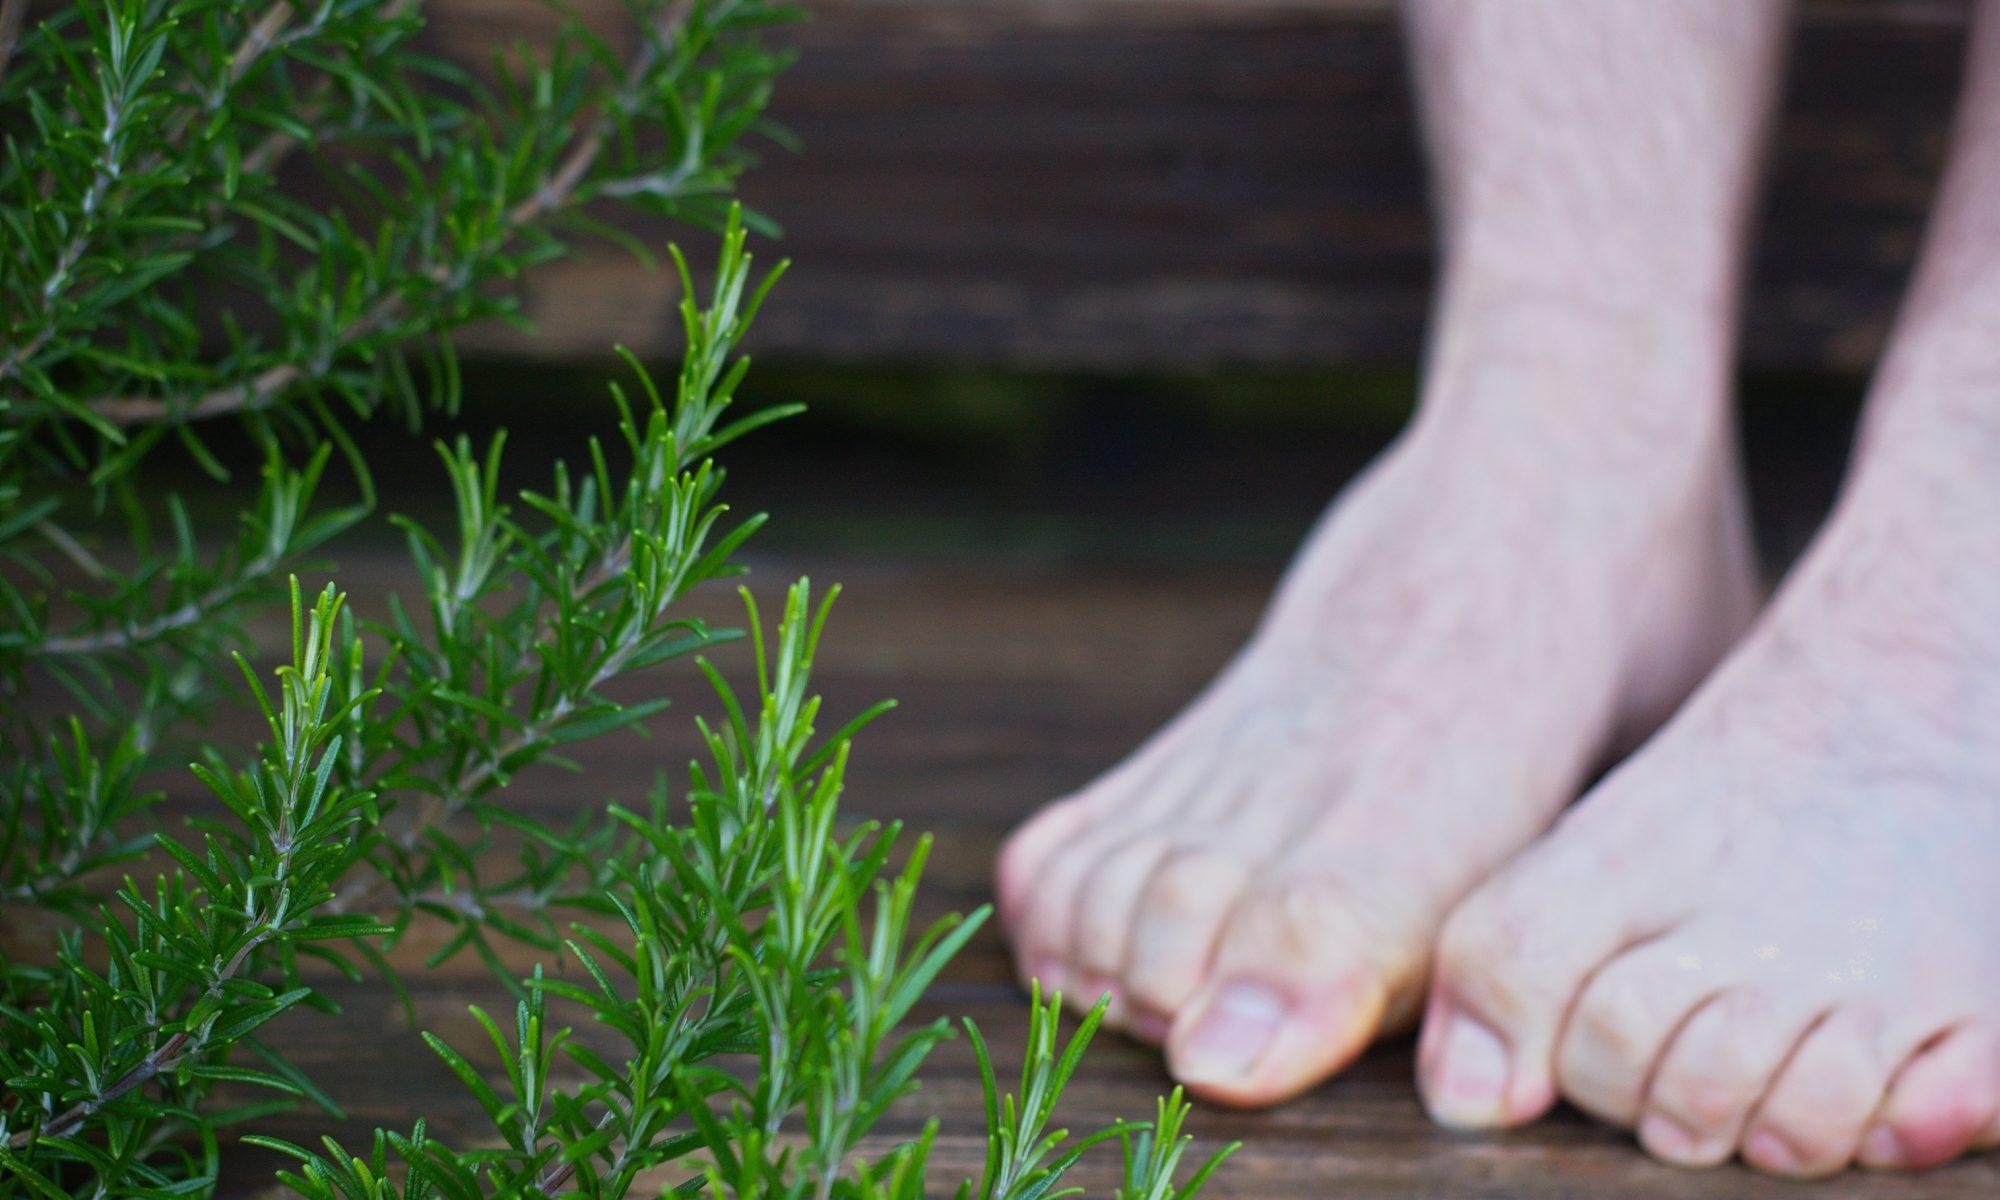 Koude voeten, wat is de oorzaak en wat kun je er aan doen?